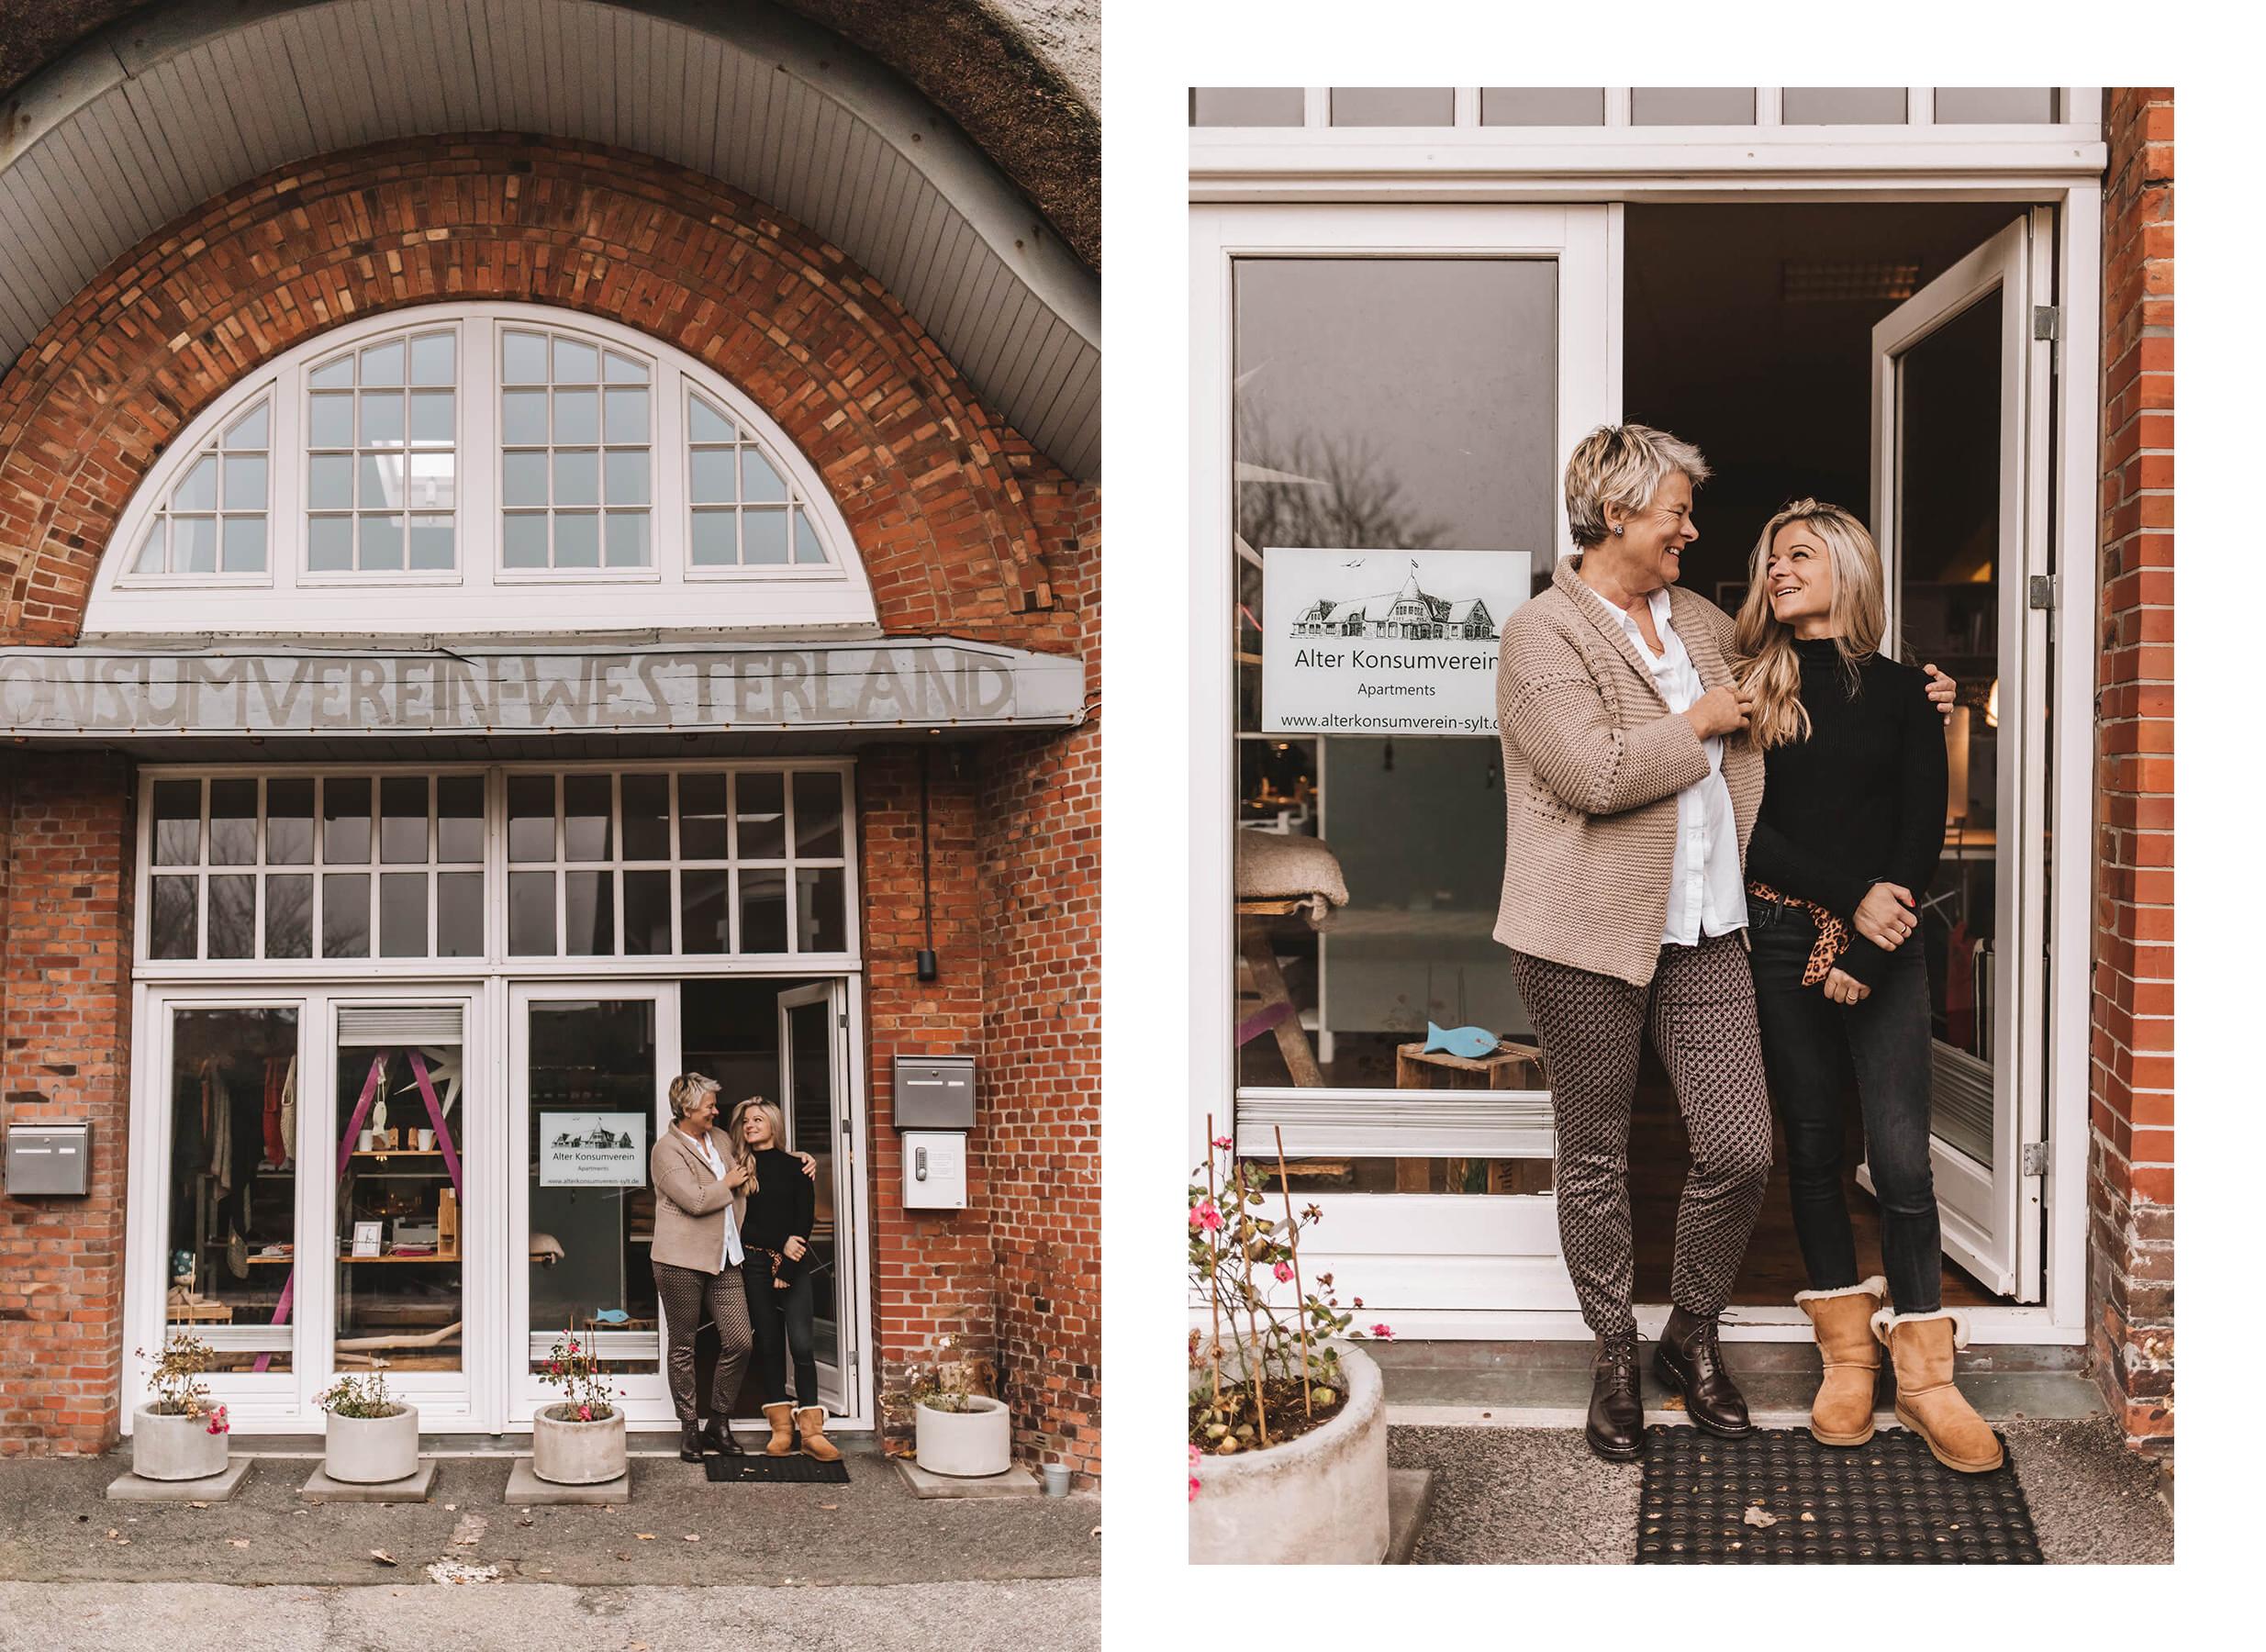 Alter Konsumverein: Apartment-Vermietung in Westerland - Uta und Lisa